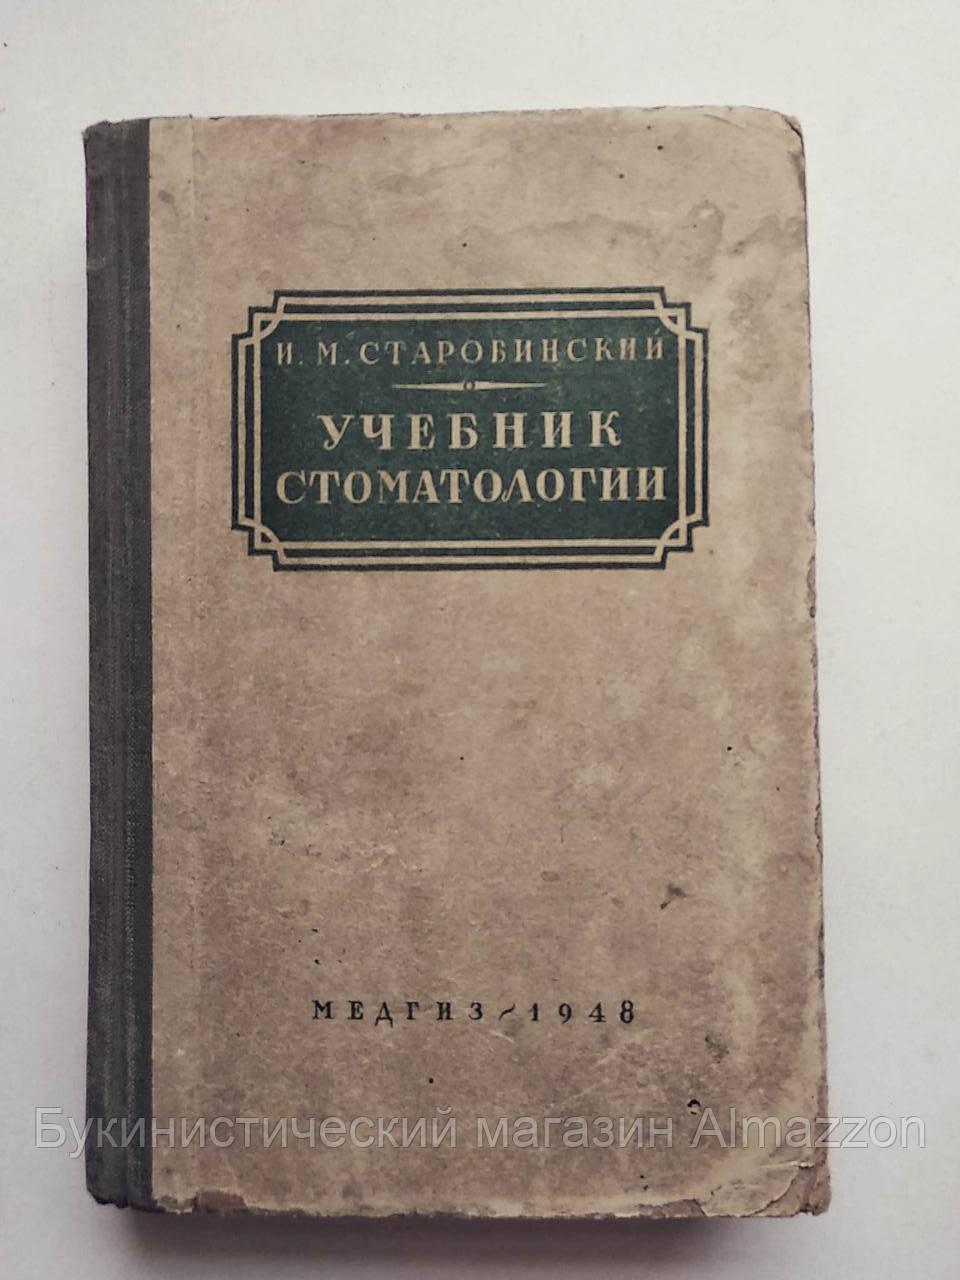 Учебник стоматологии И.М.Старобинский